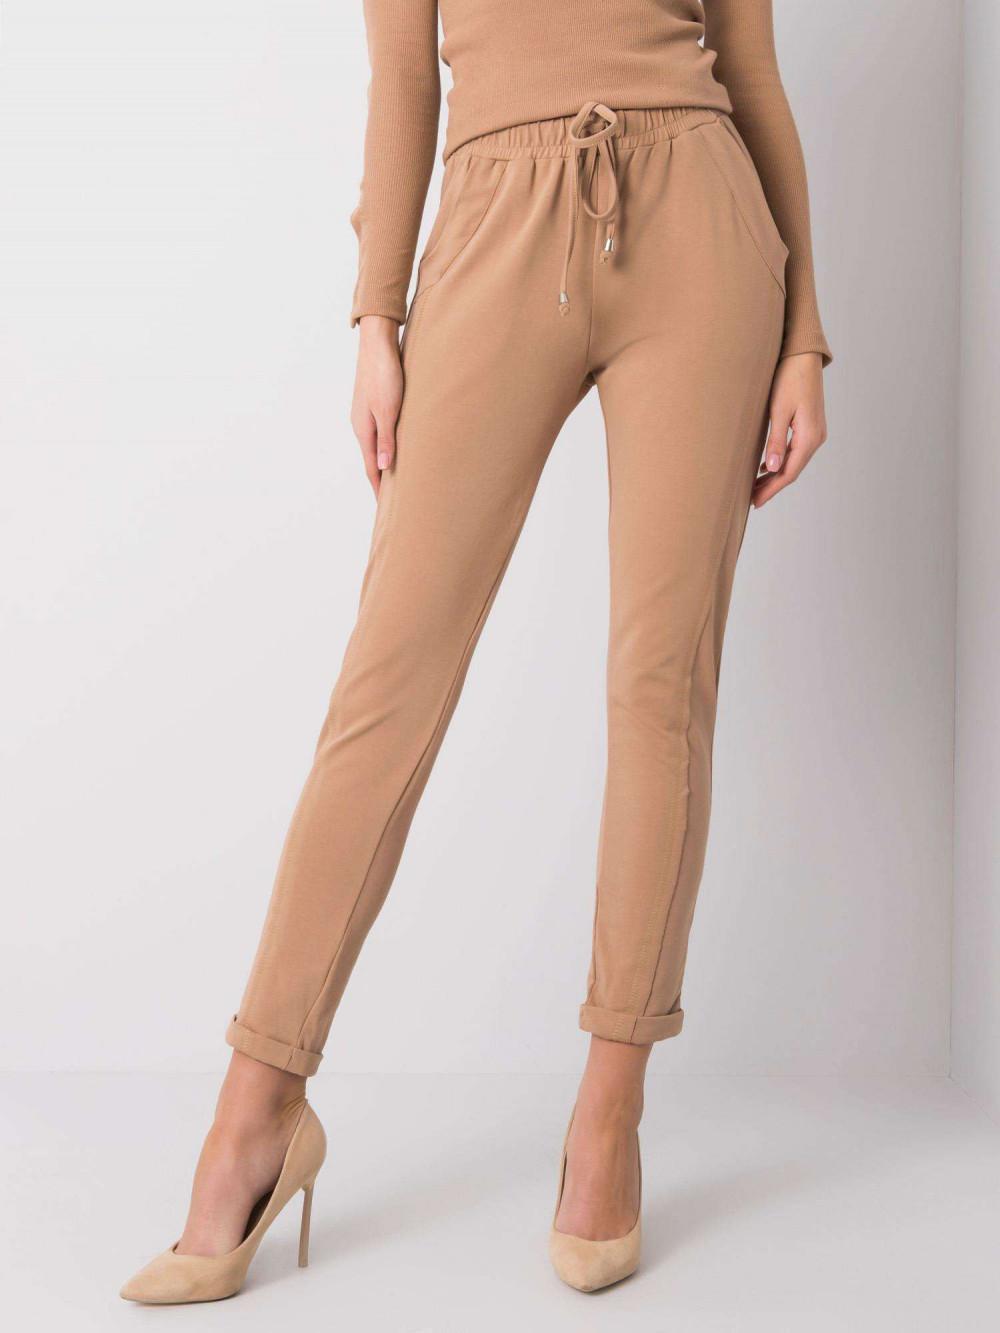 Karmelowe spodnie dresowe z kieszeniami Viole 2